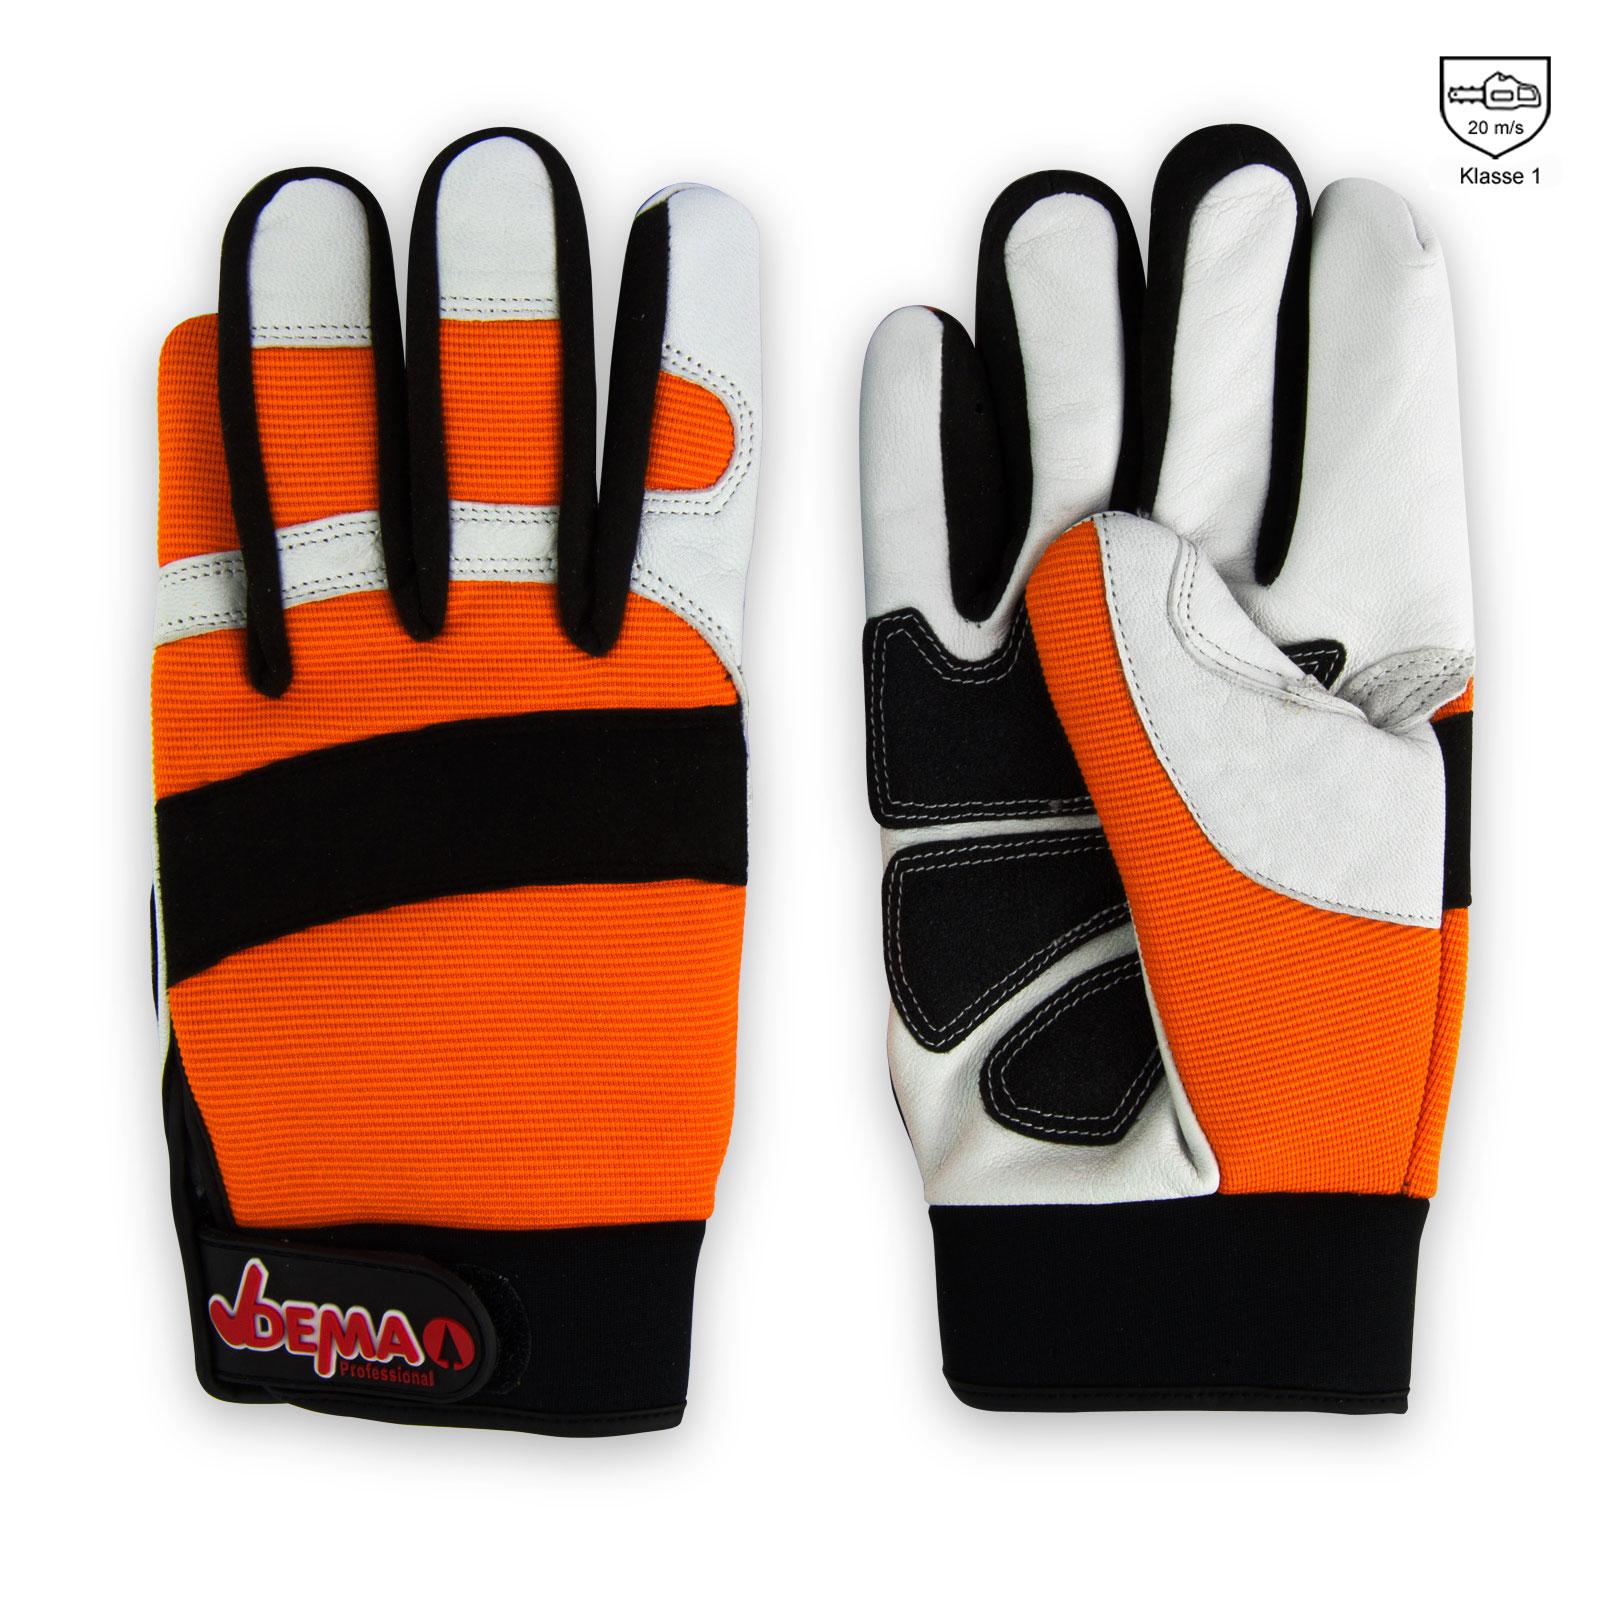 Marken Forst Schnittschutz 3erSet Helm+Handschuhe+Hose Eco DIN EN